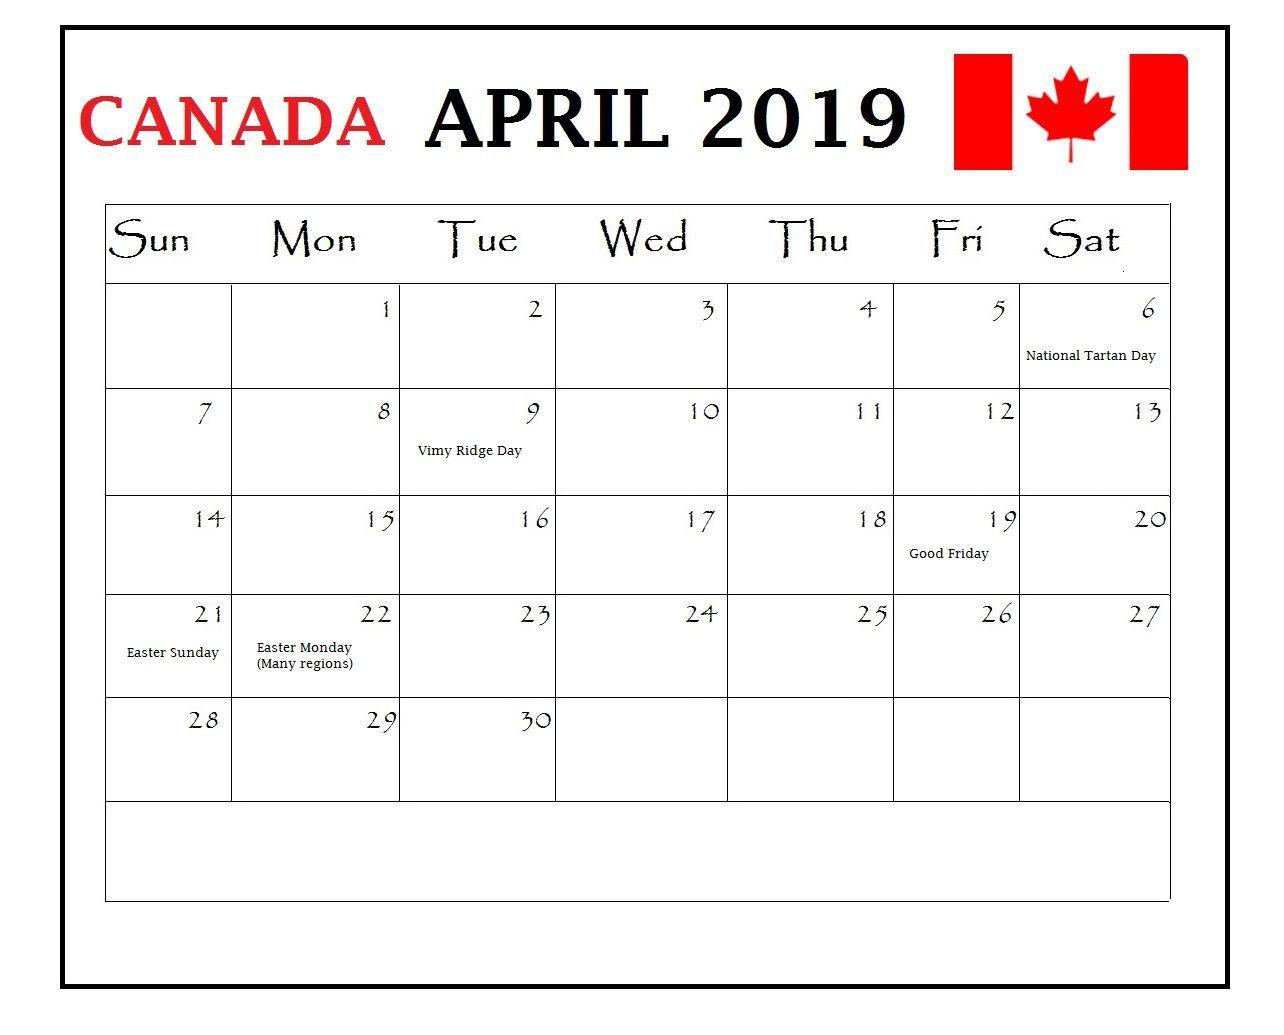 April 2019 Canada Holidays Calendar april april2019